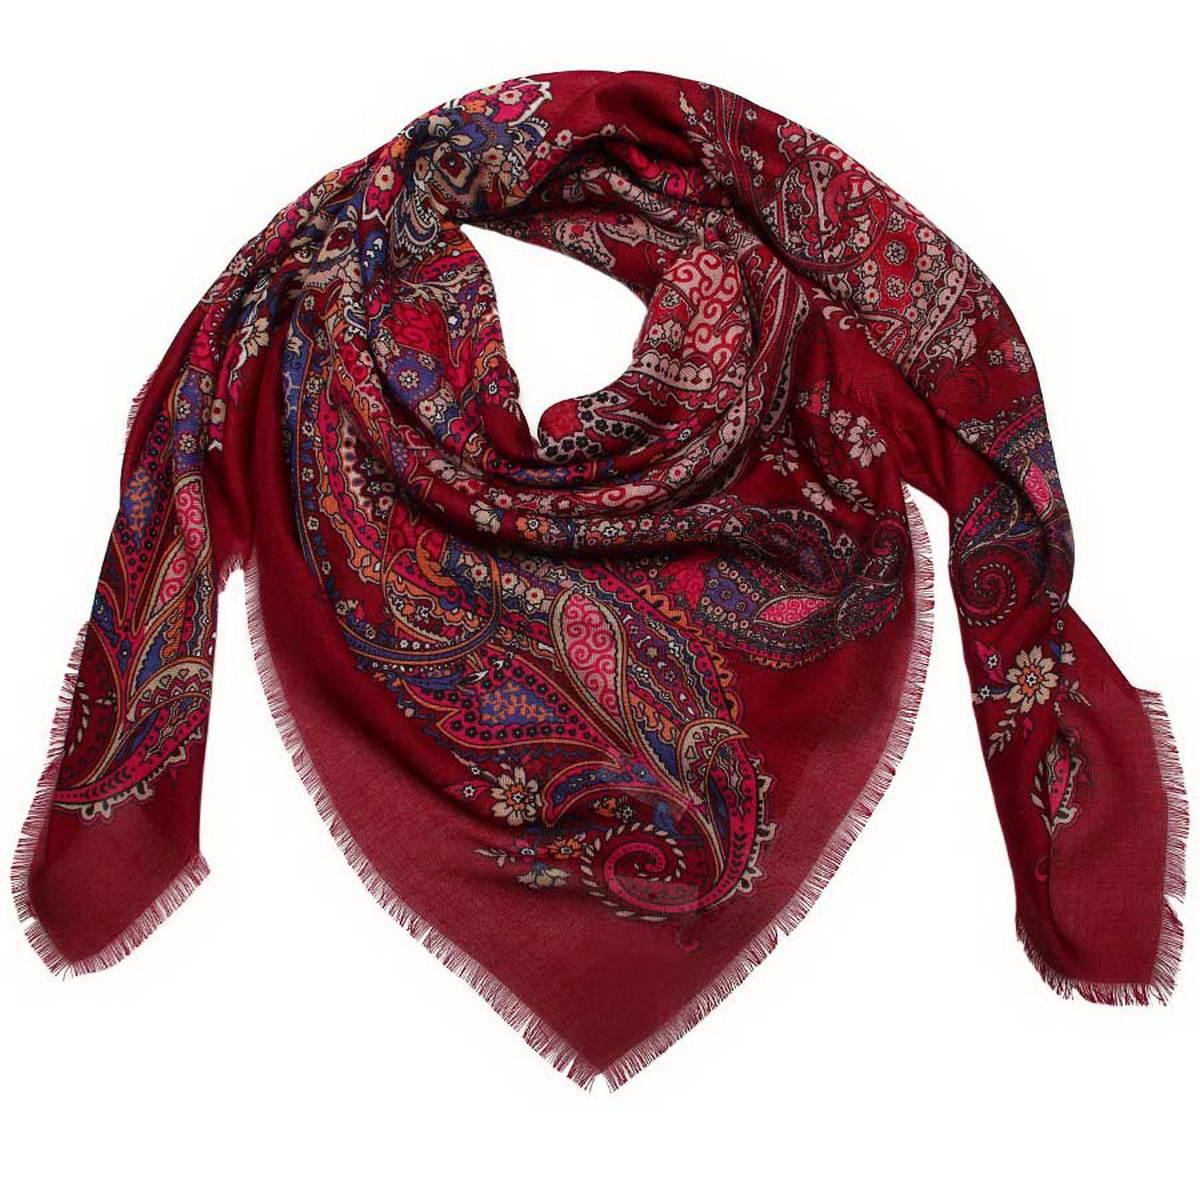 6000452-03Стильный женский платок Venera станет великолепным завершением любого наряда. Платок изготовлен из полиэстера и оформлен оригинальным принтом. Края изделия дополнены бахромой. Классическая квадратная форма позволяет носить платок на шее, украшать им прическу или декорировать сумочку. Легкий и приятный на ощупь платок поможет вам создать изысканный женственный образ. Такой платок превосходно дополнит любой наряд и подчеркнет ваш неповторимый вкус и элегантность.